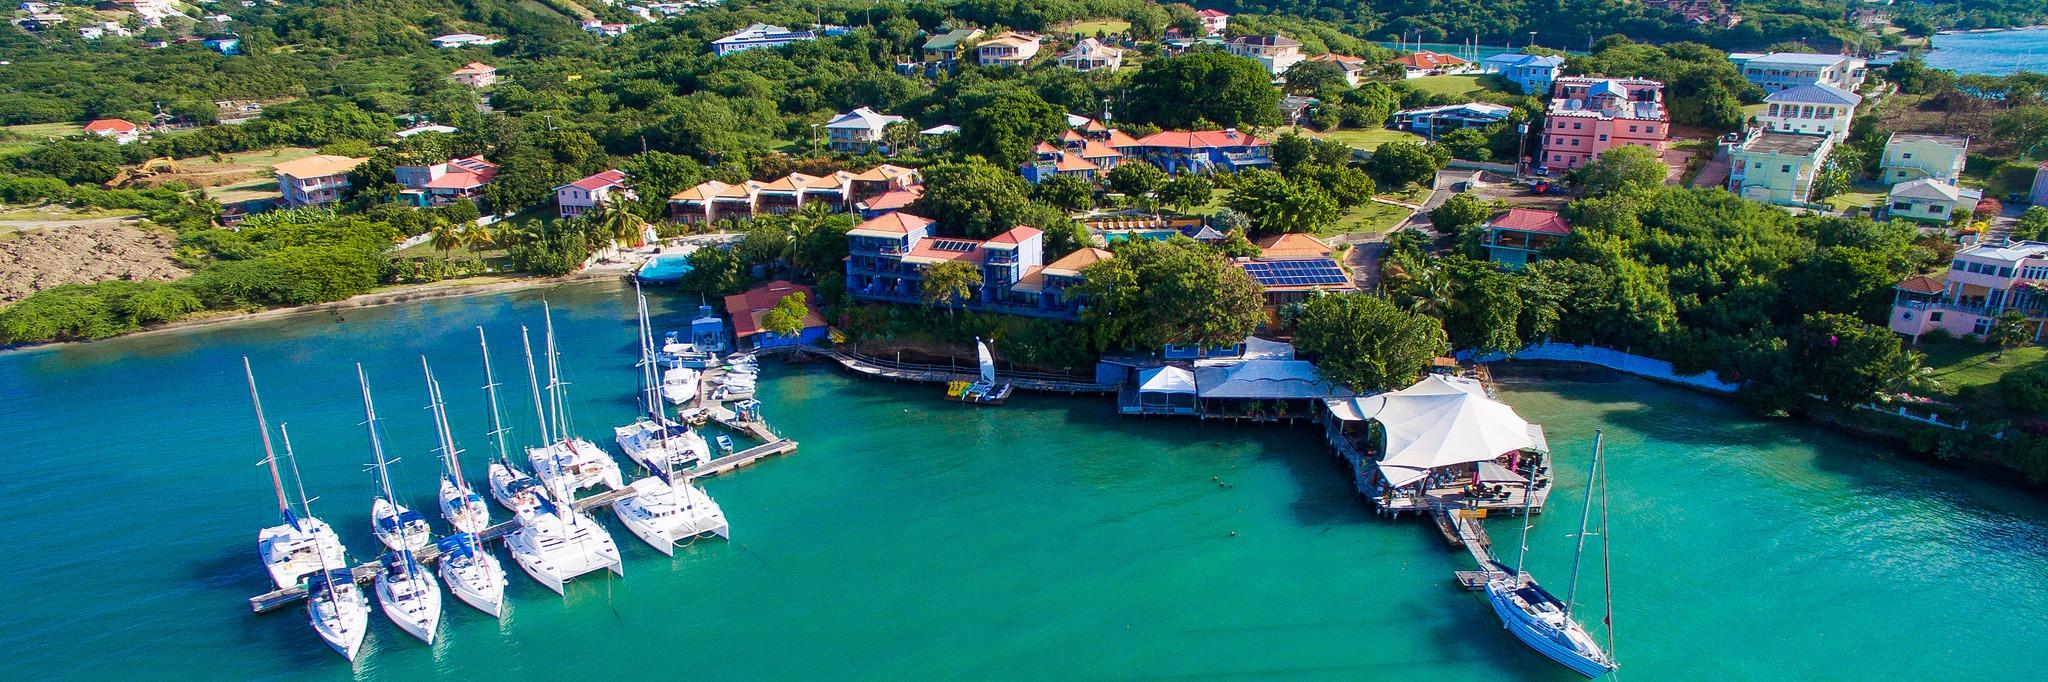 True Blue Bay Marina